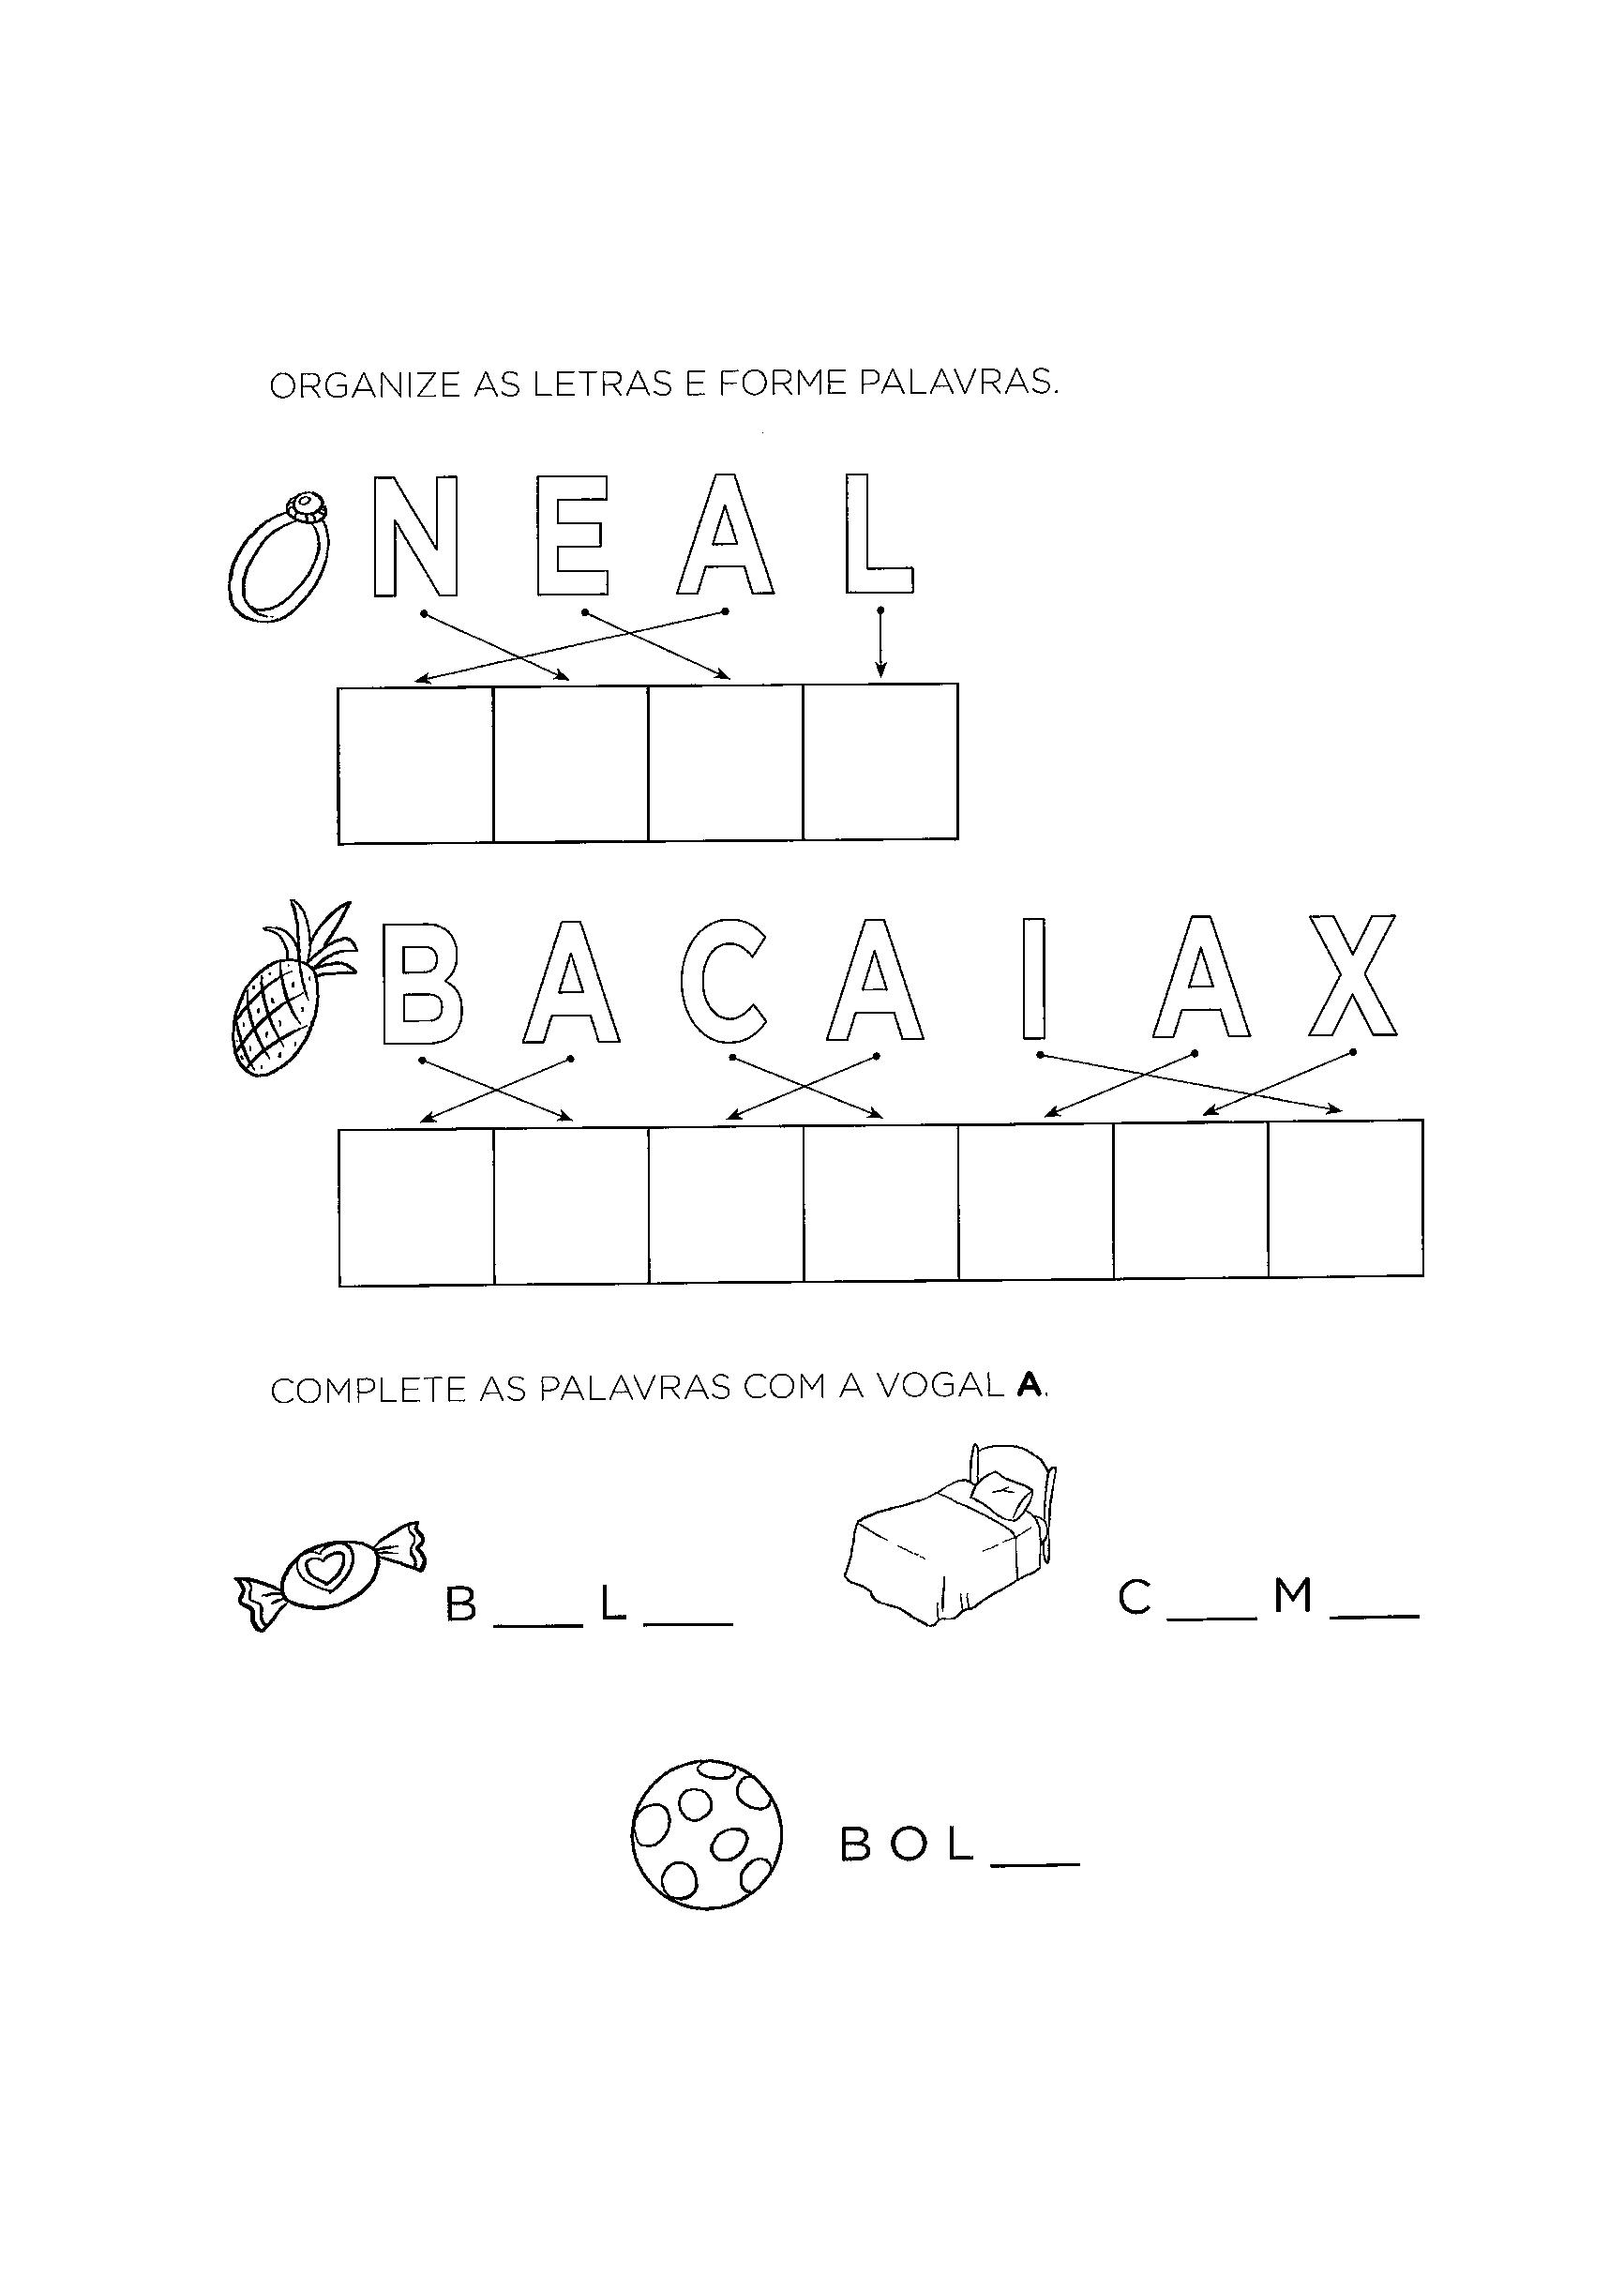 alfabetização organizar letra a